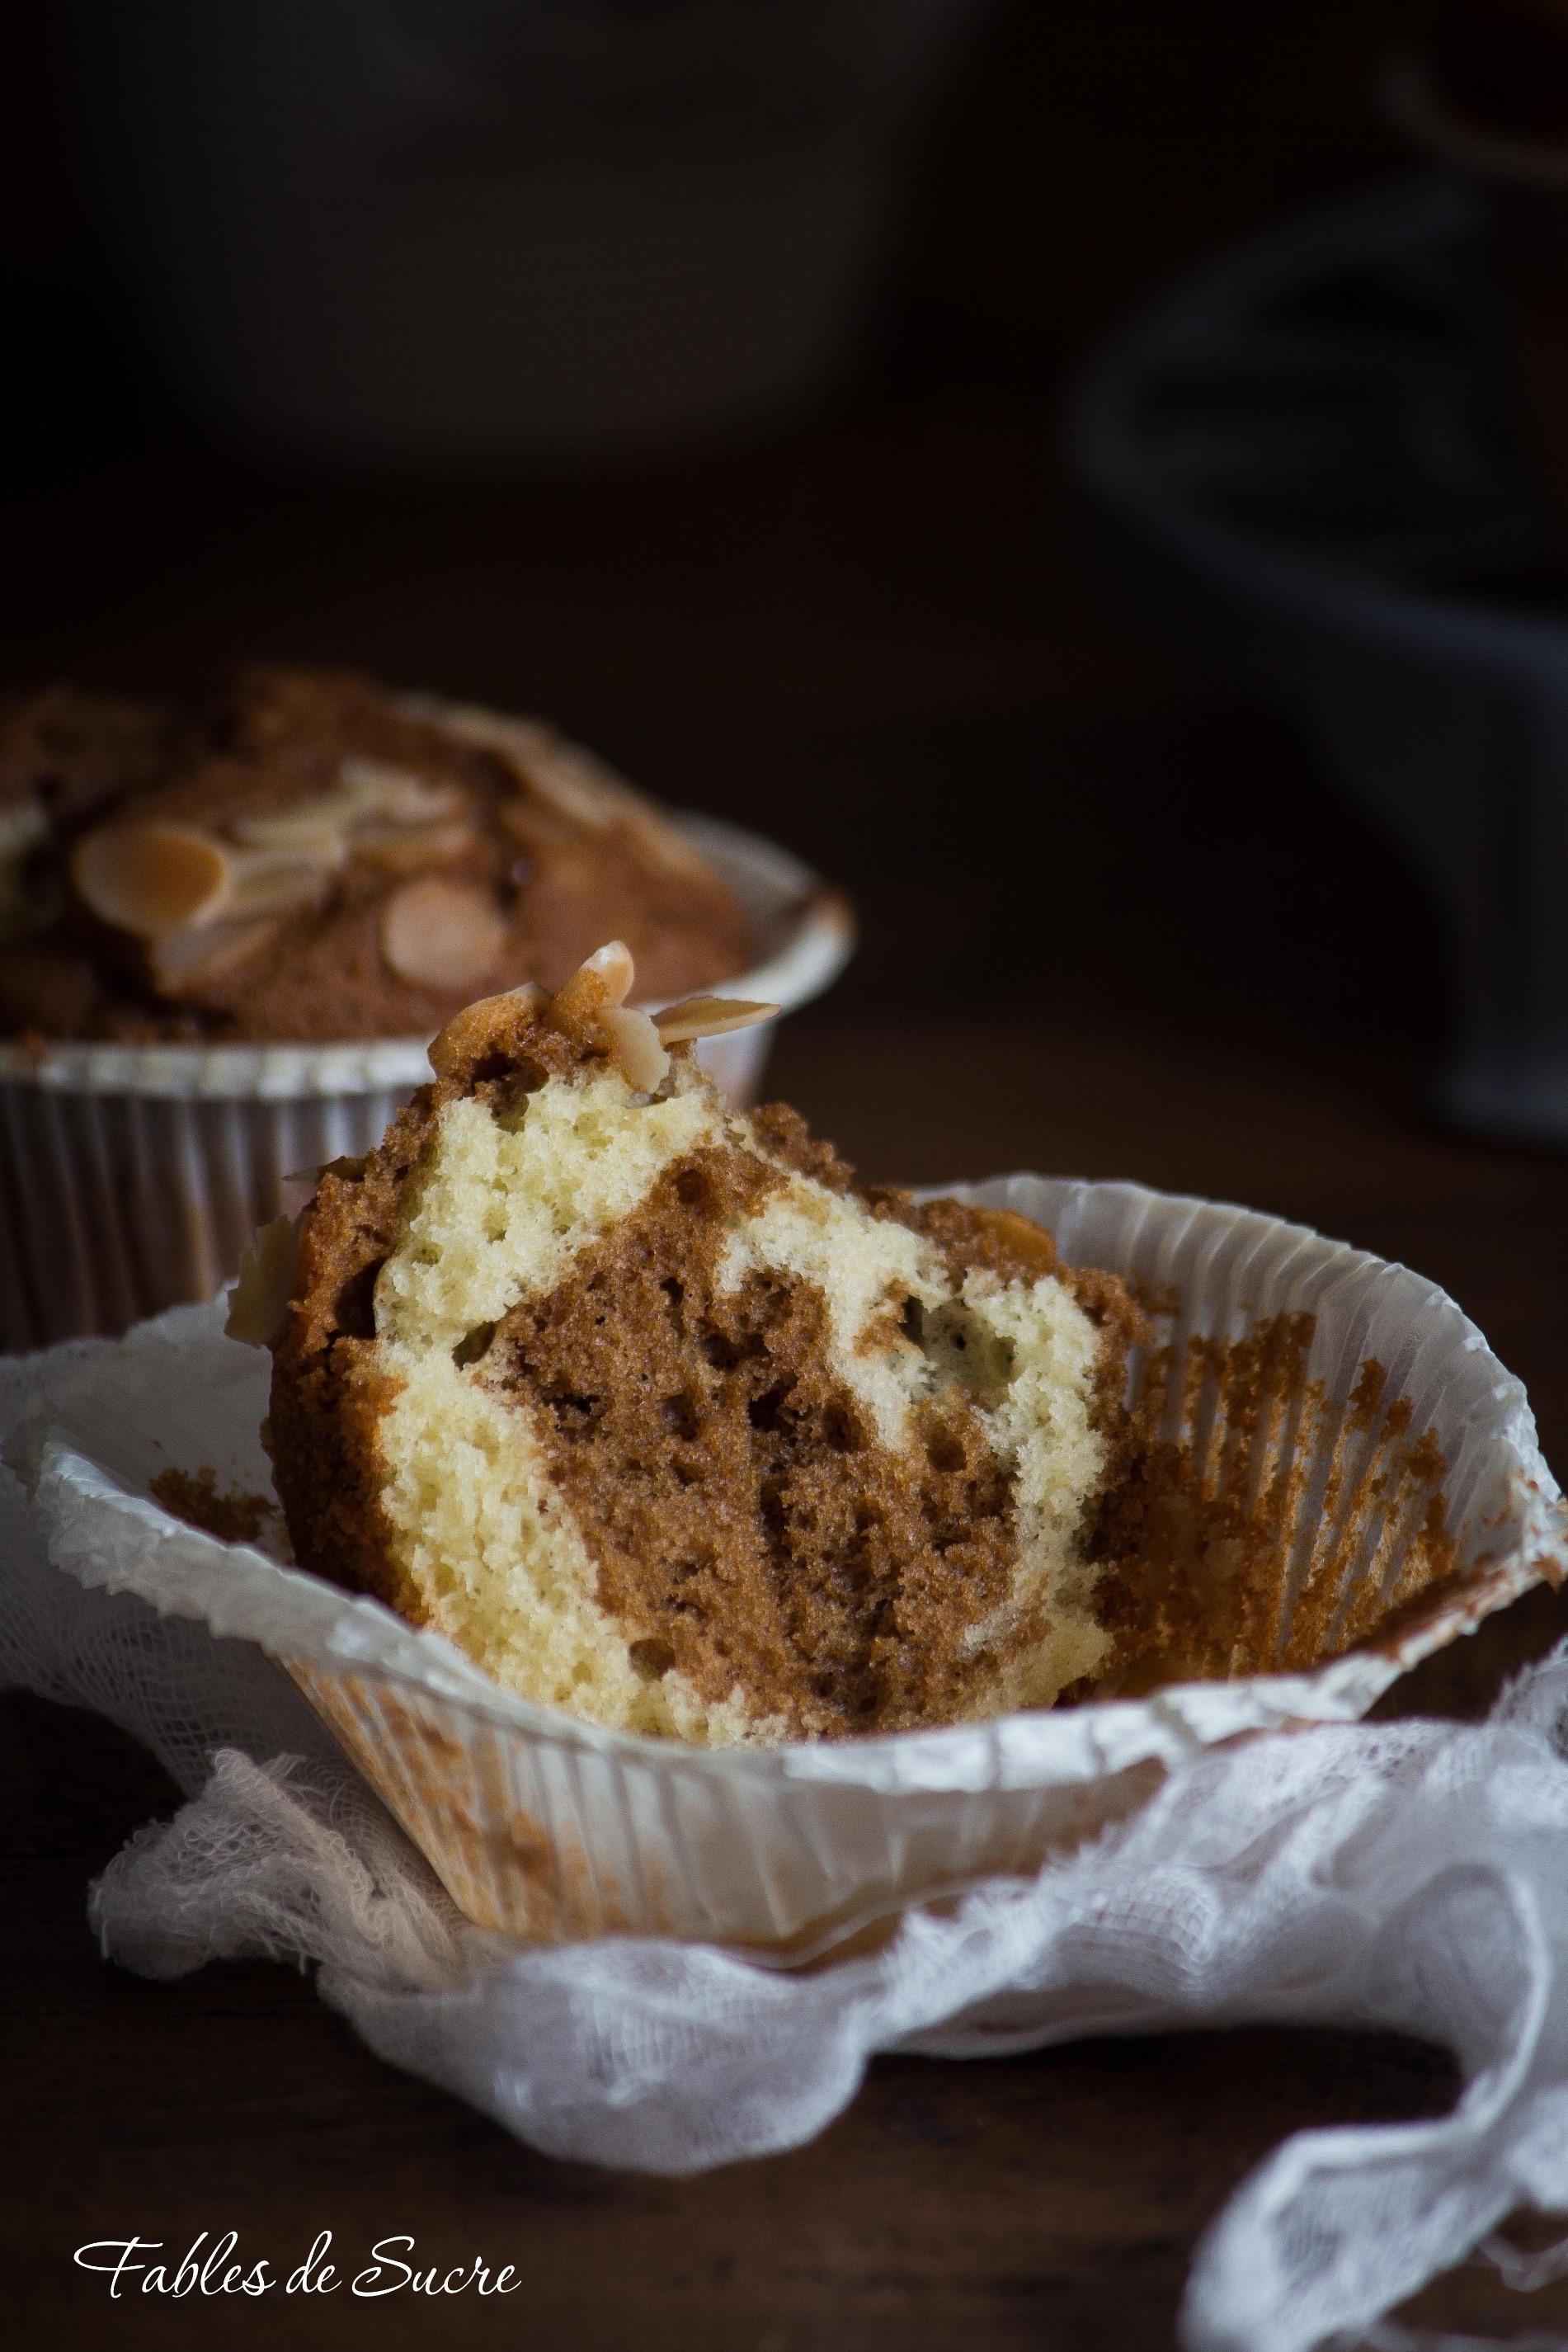 Cupcakes marmorizzati al caffè3